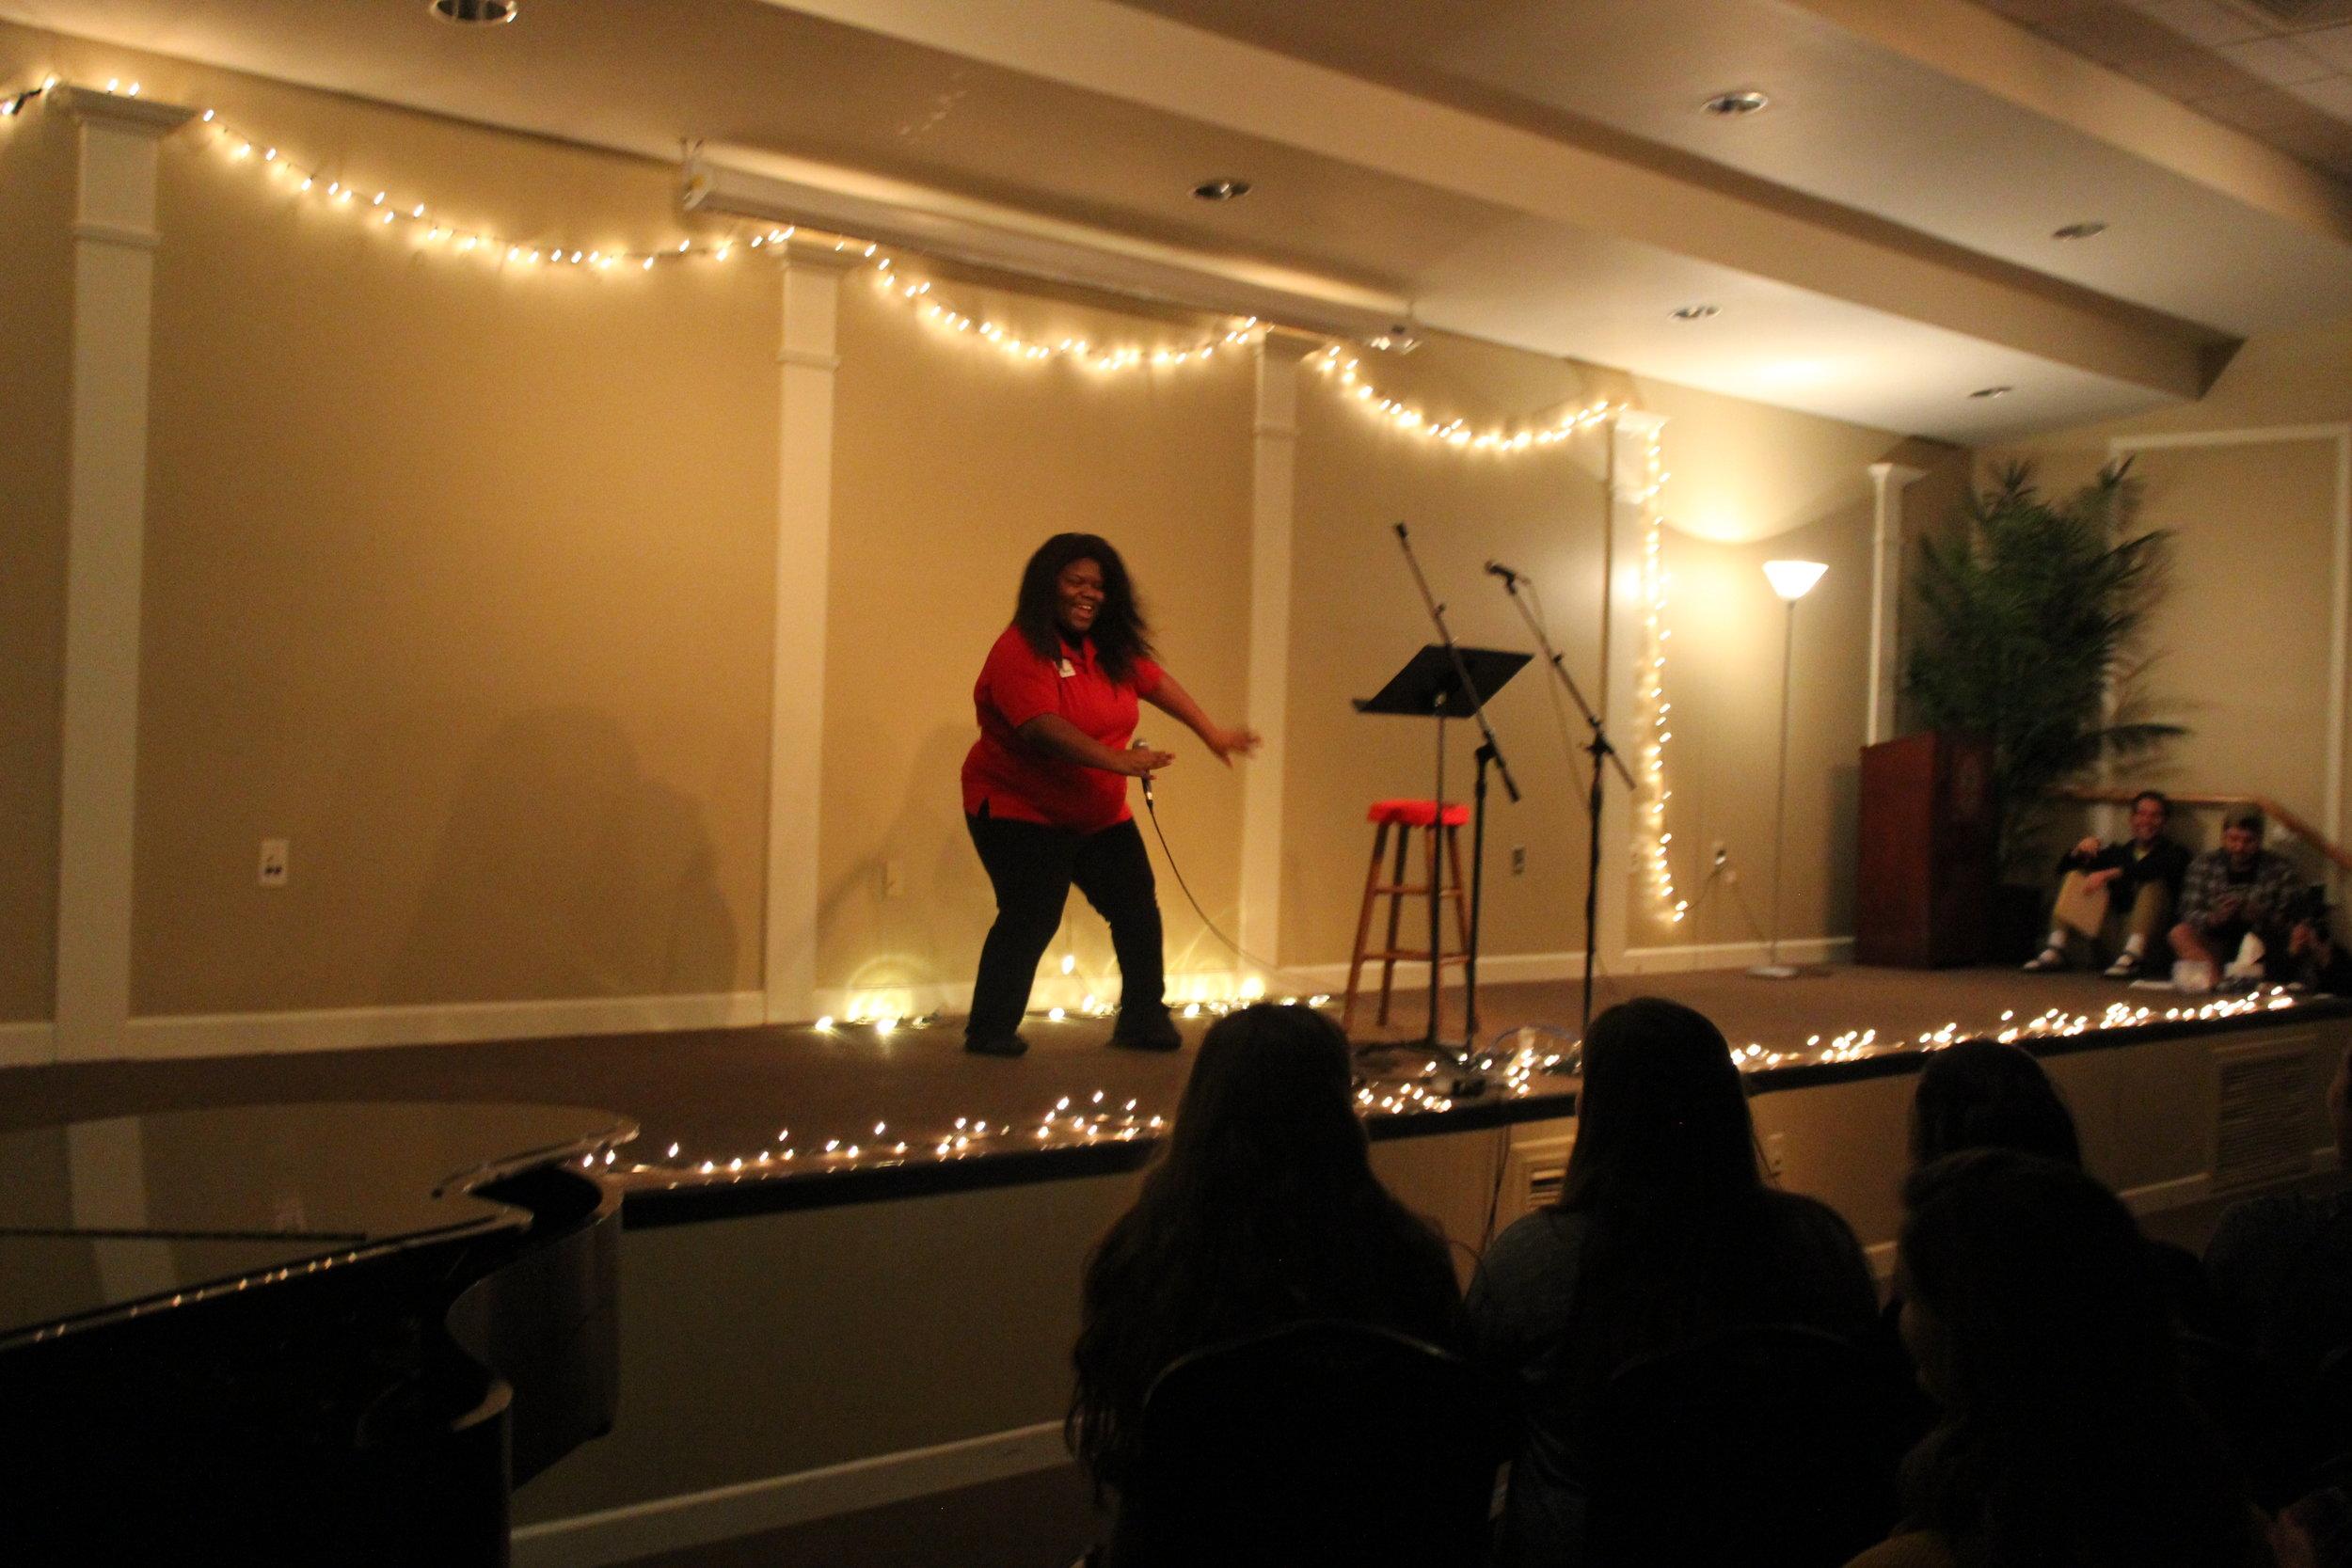 Brandy Fari breaking it down on stage.